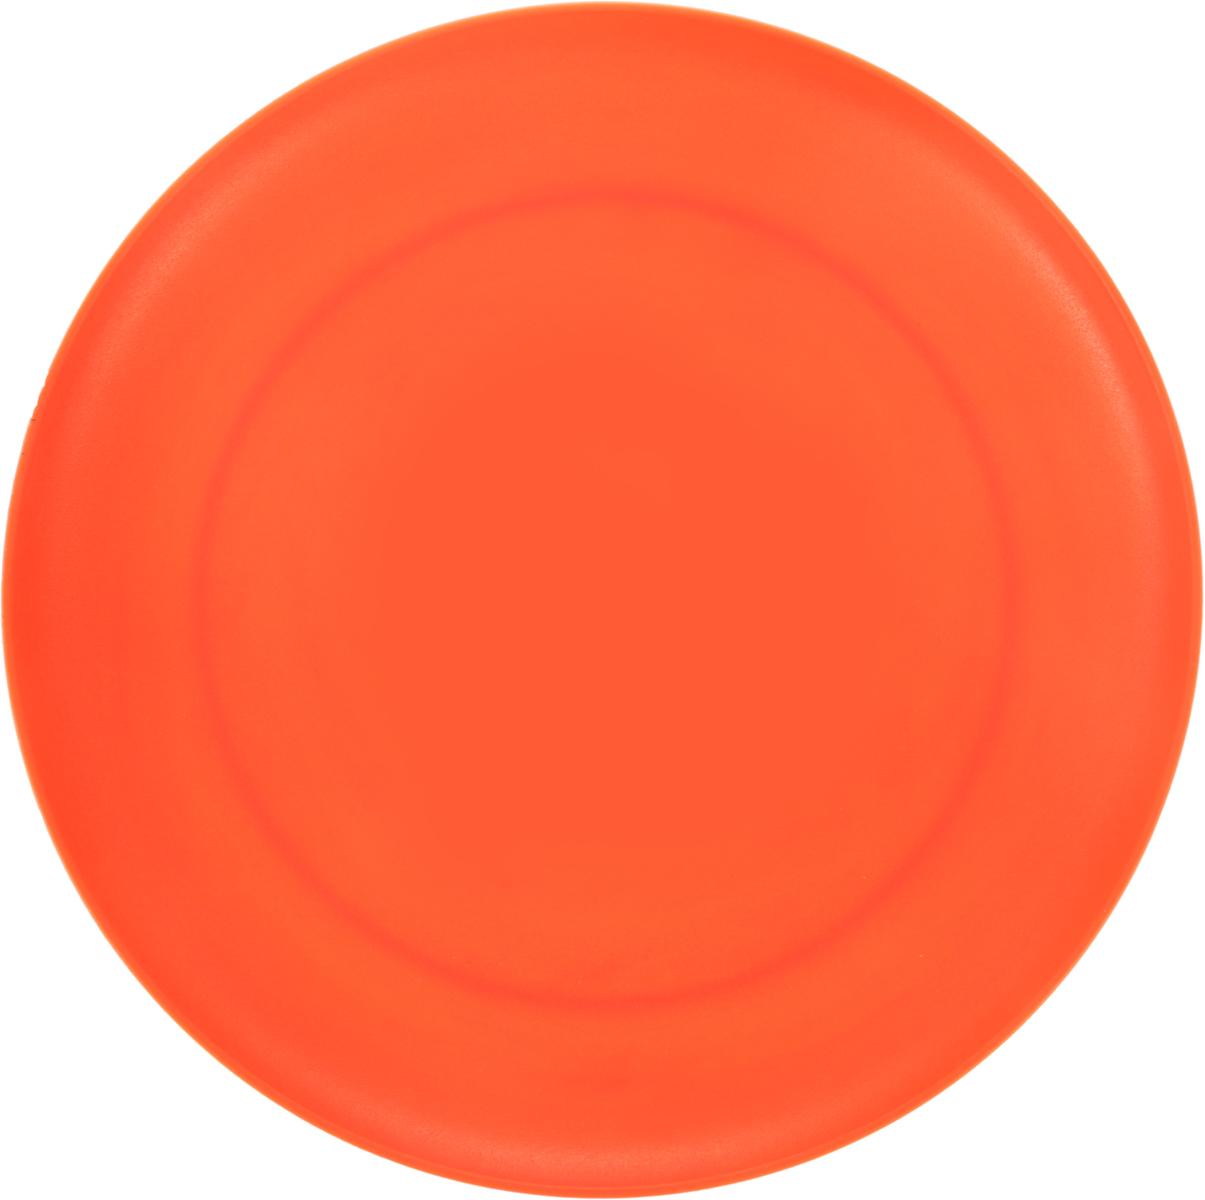 Тарелка Gotoff, цвет: оранжевый, диаметр 23,5 смWTC-273_оранжевыйКруглая тарелка Gotoff выполнена из прочного пищевогополипропилена. Выдерживает температурный режим впределах от - 25 до + 110°C.Посуду из полипропилена можно использовать вмикроволновой печи, но необходимо, чтобы нагрев непревышал максимально допустимую температуру.Изделие отлично подойдет как для холодных,так и для горячих блюд. Его удобно использовать дома или надаче, брать с собой на пикники и в поездки. Отличный вариантдля детских праздников. Такая тарелка не разобьется и будетслужить вам долгое время.